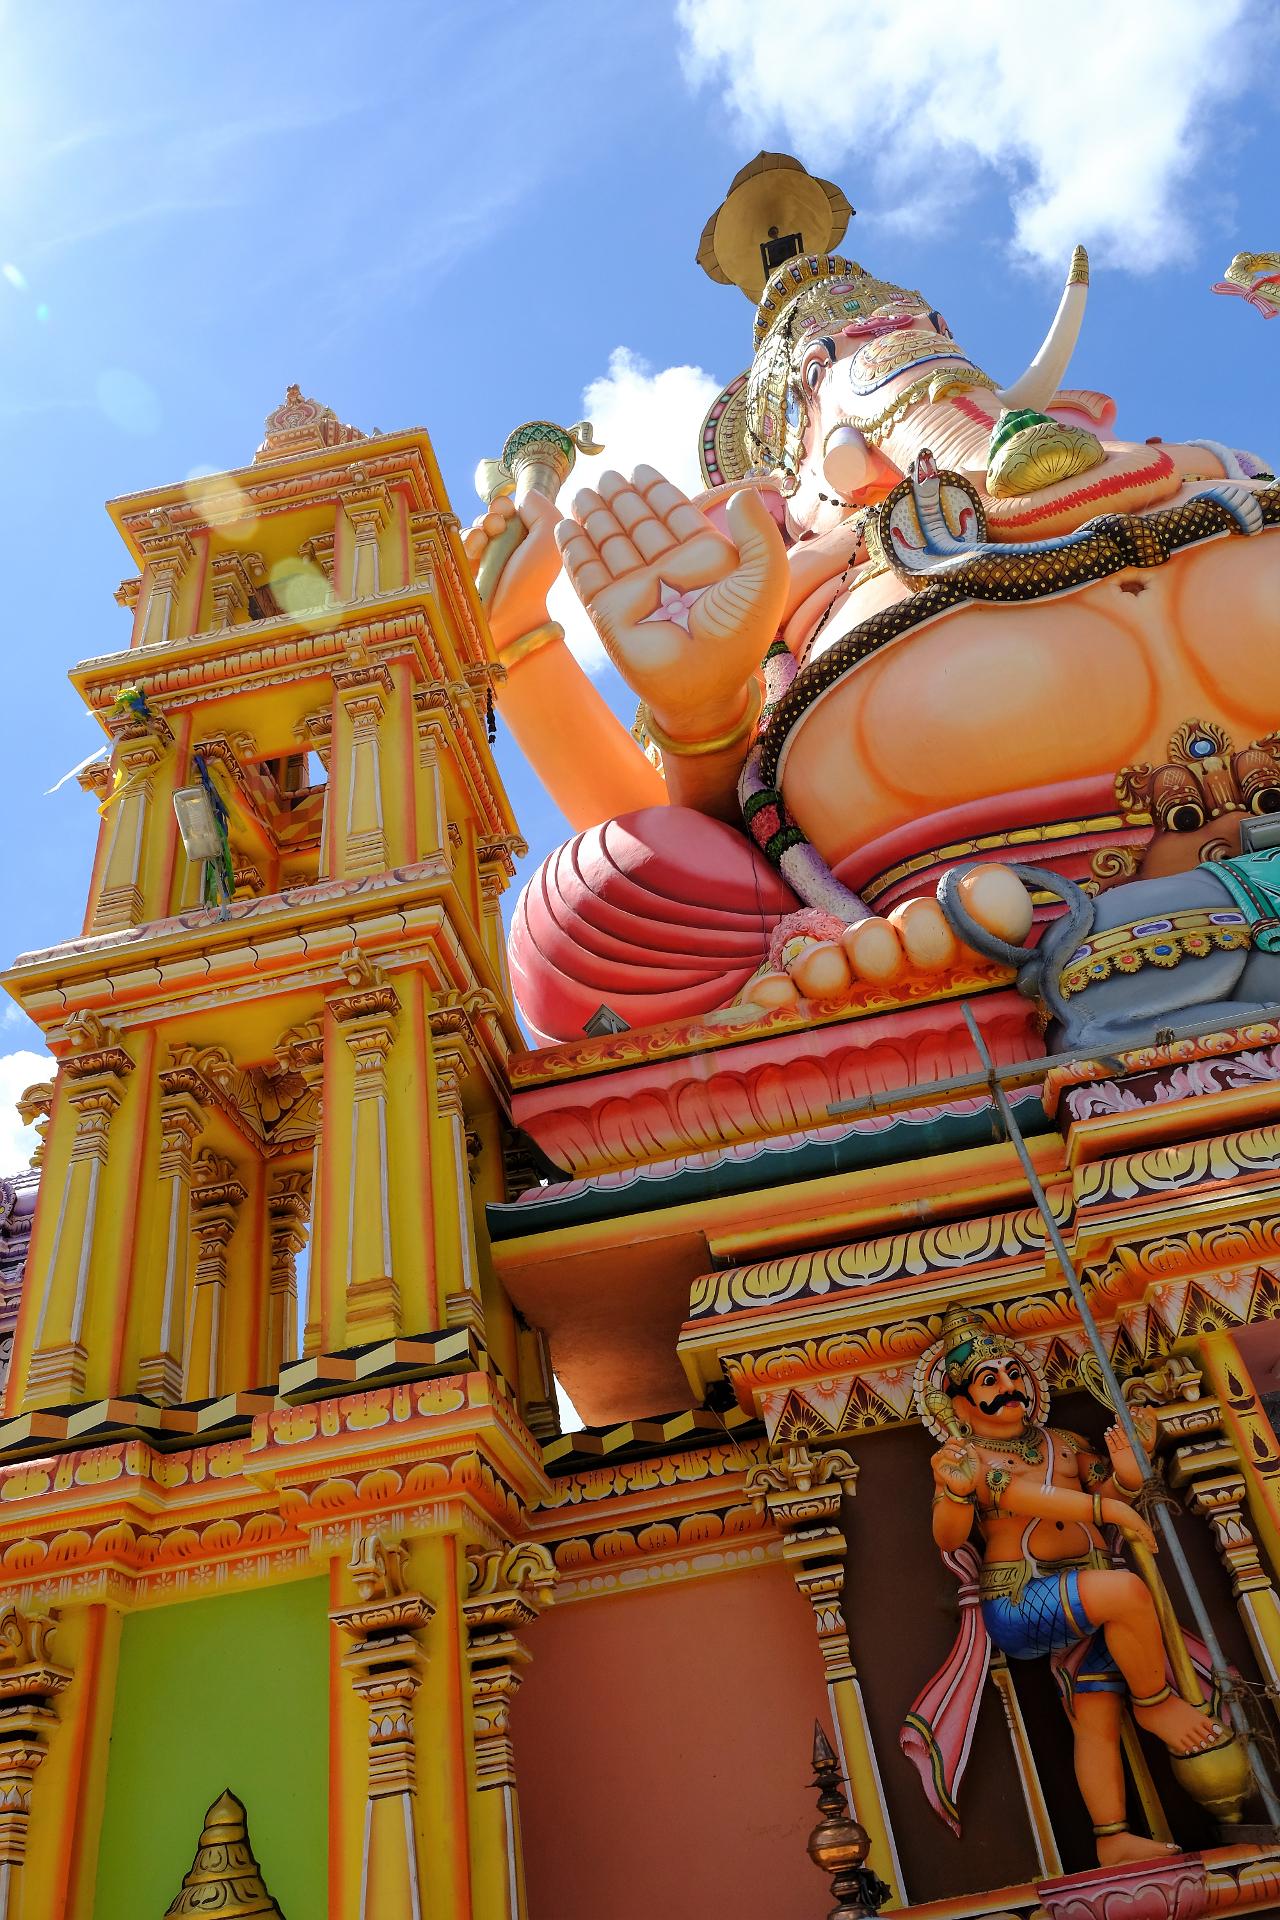 En färgsprakande avbildning av Elefantguden Ganesha. Foto: Johan Mikaelsson